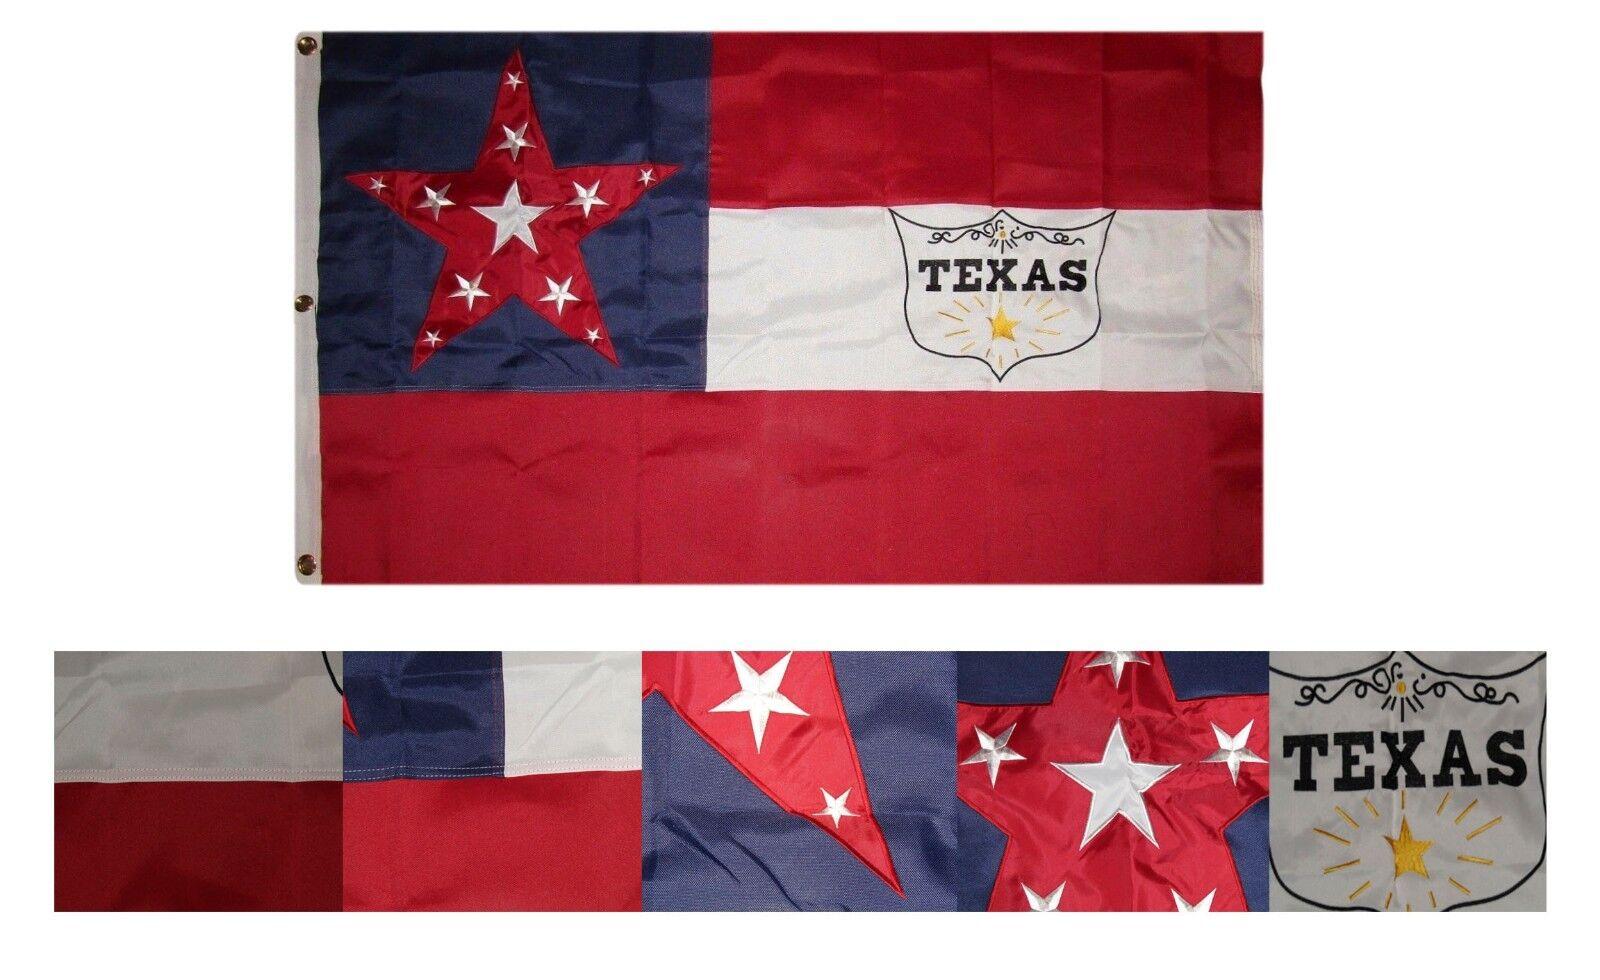 3x5 Bordado 6 Texas Caballería 600D Nailon Premium Calidad Flag 0.9mx5 ' 3 Clips